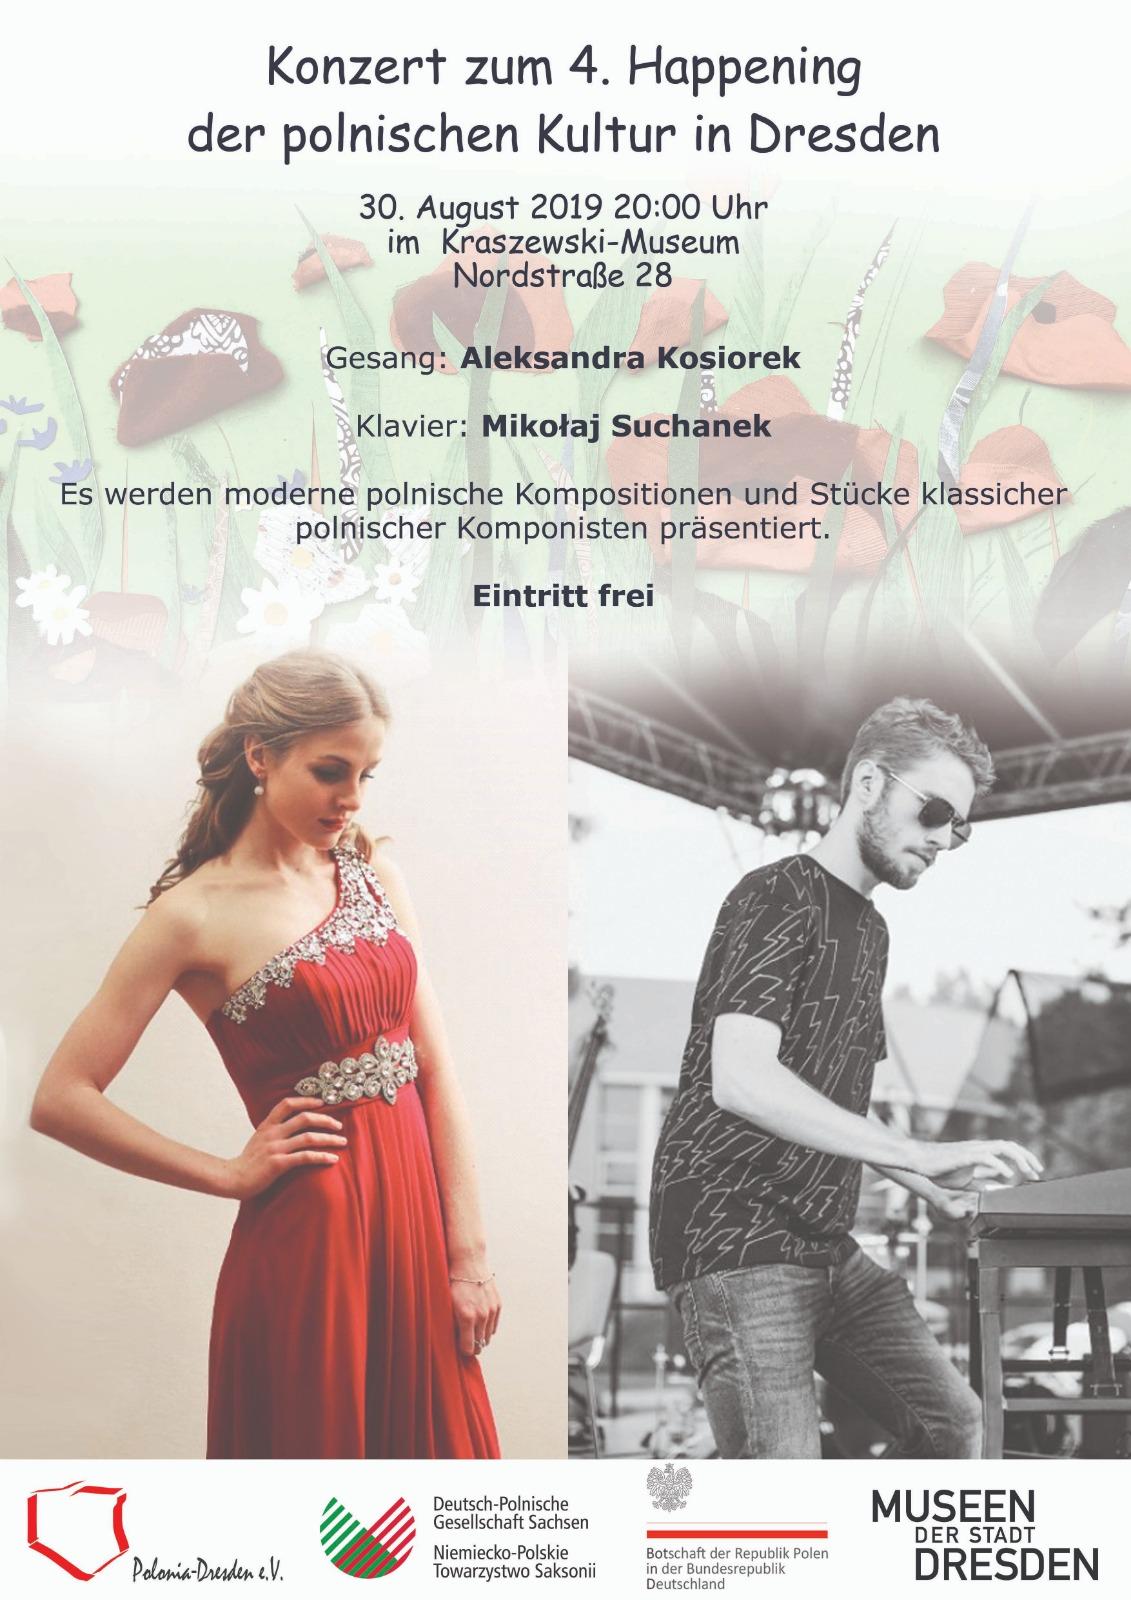 Happening Kultury Polskiej 30 i 31 sierpnia w Muzeum Kraszewskiego